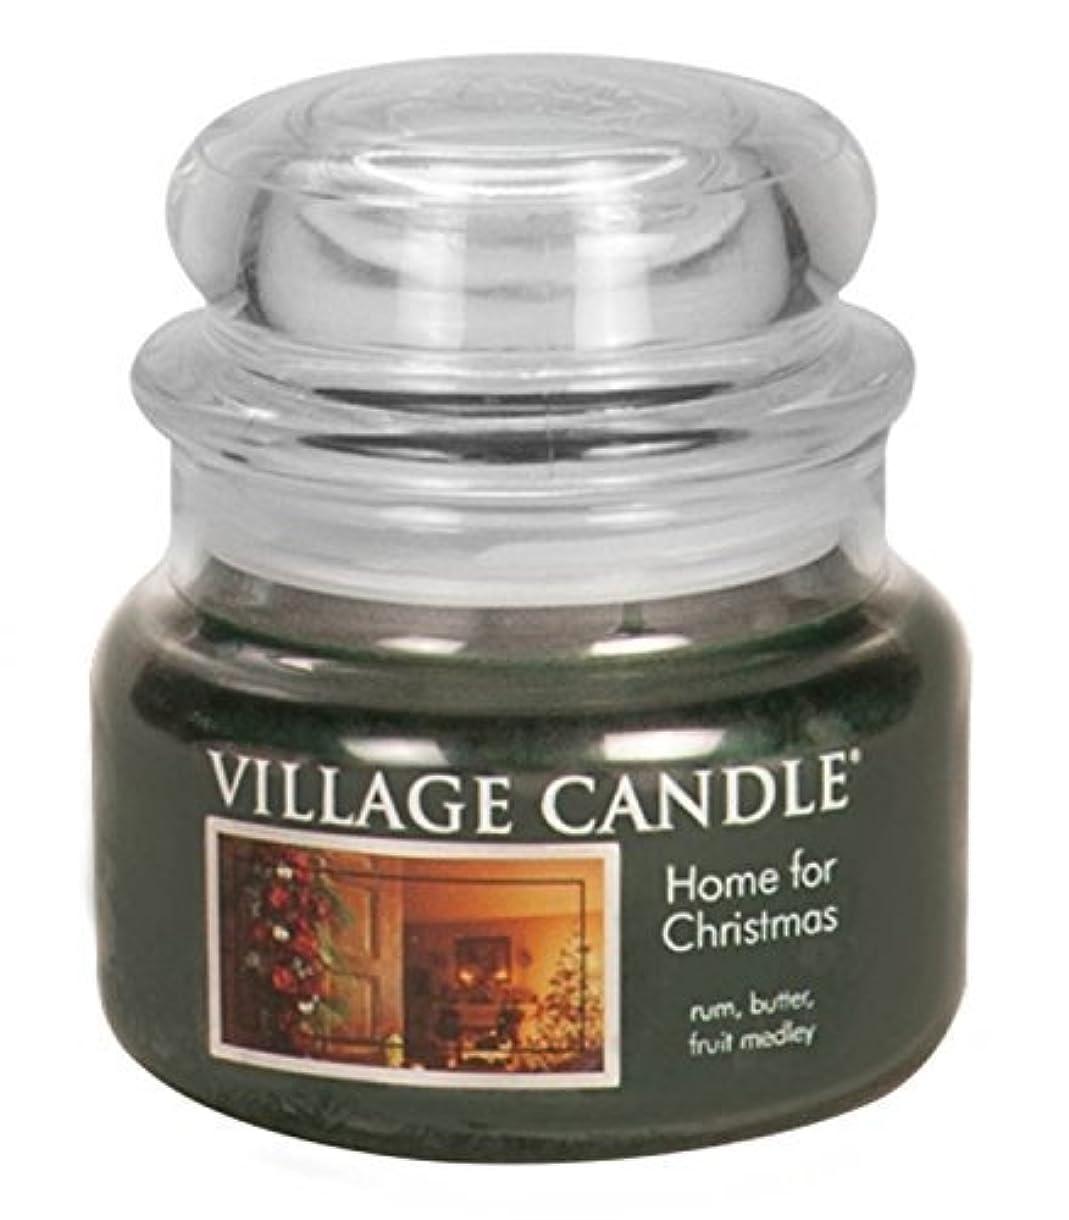 豊かにする監督する繁殖Village Candle Home for Christmas 11 oz Glass Jar Scented Candle,Small [並行輸入品]